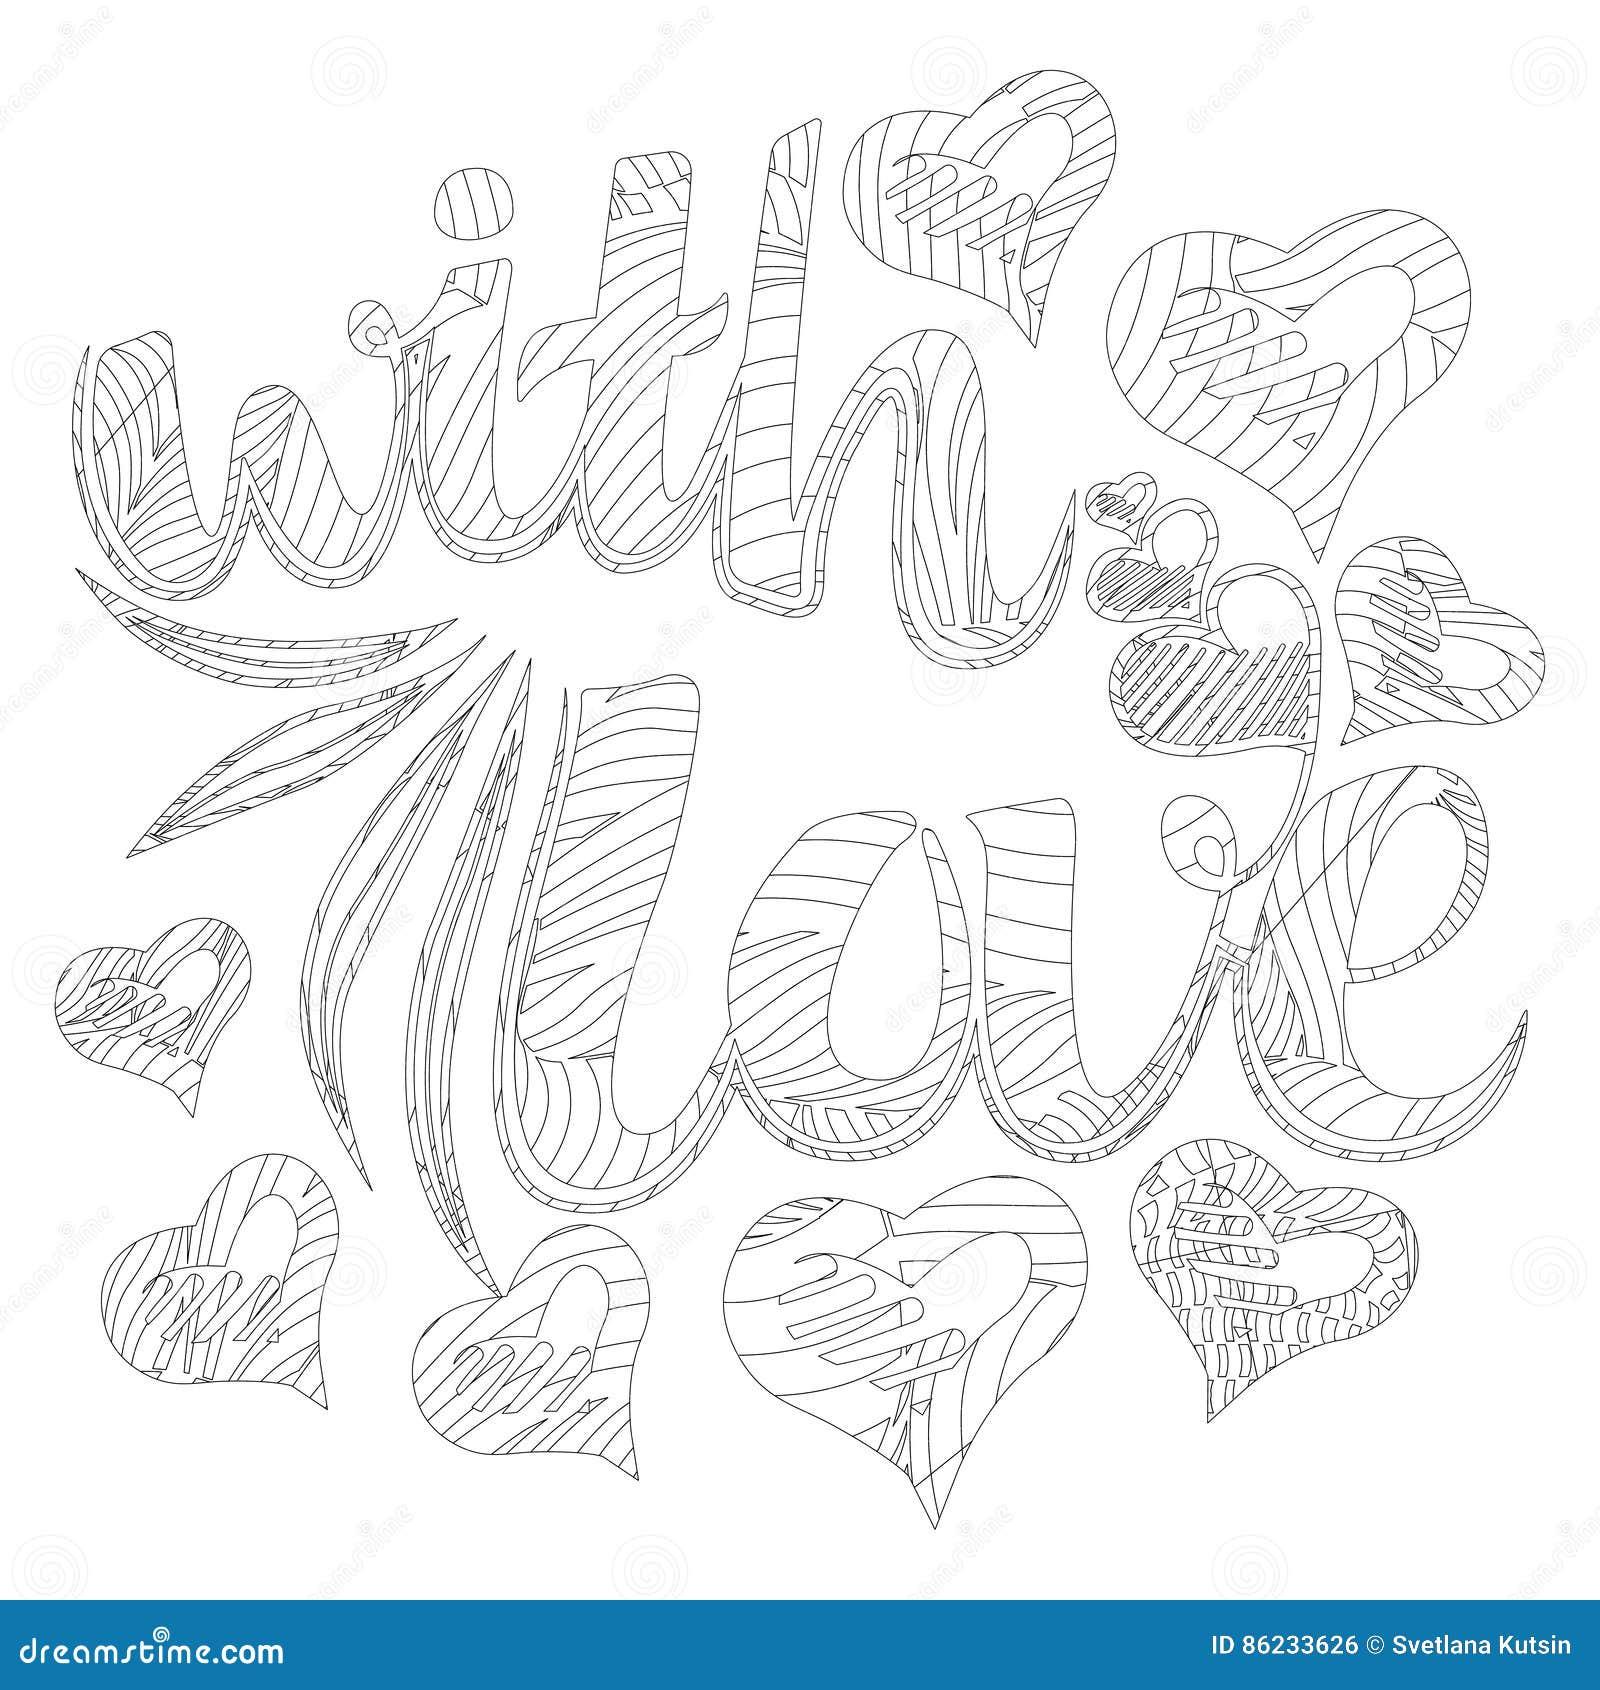 Dekorative Zeichnung Zenverwicklung, lokalisiert auf weißem Hintergrund Übergeben Sie gezogene Skizze für erwachsene Antidruckfar